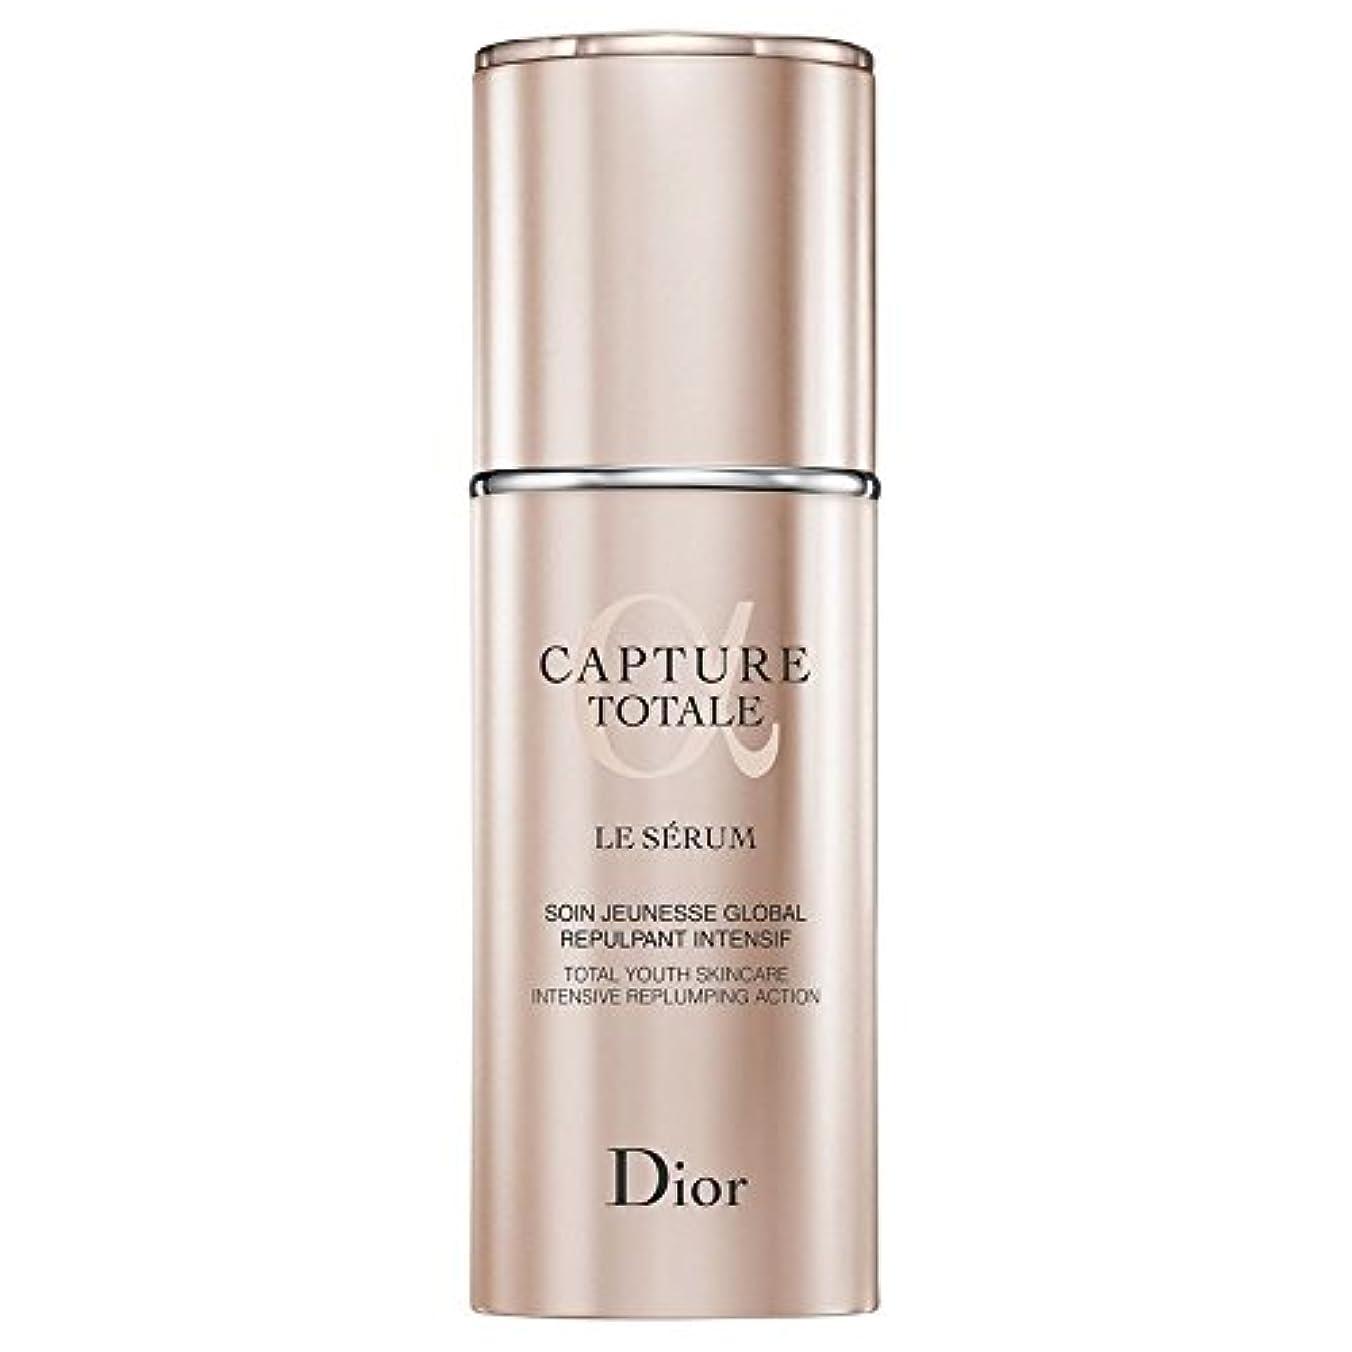 割り込みリスト兵士[Dior] ディオールカプチュールR60ル血清30ミリリットル - Dior Capture Totale Le Serum 30ml [並行輸入品]